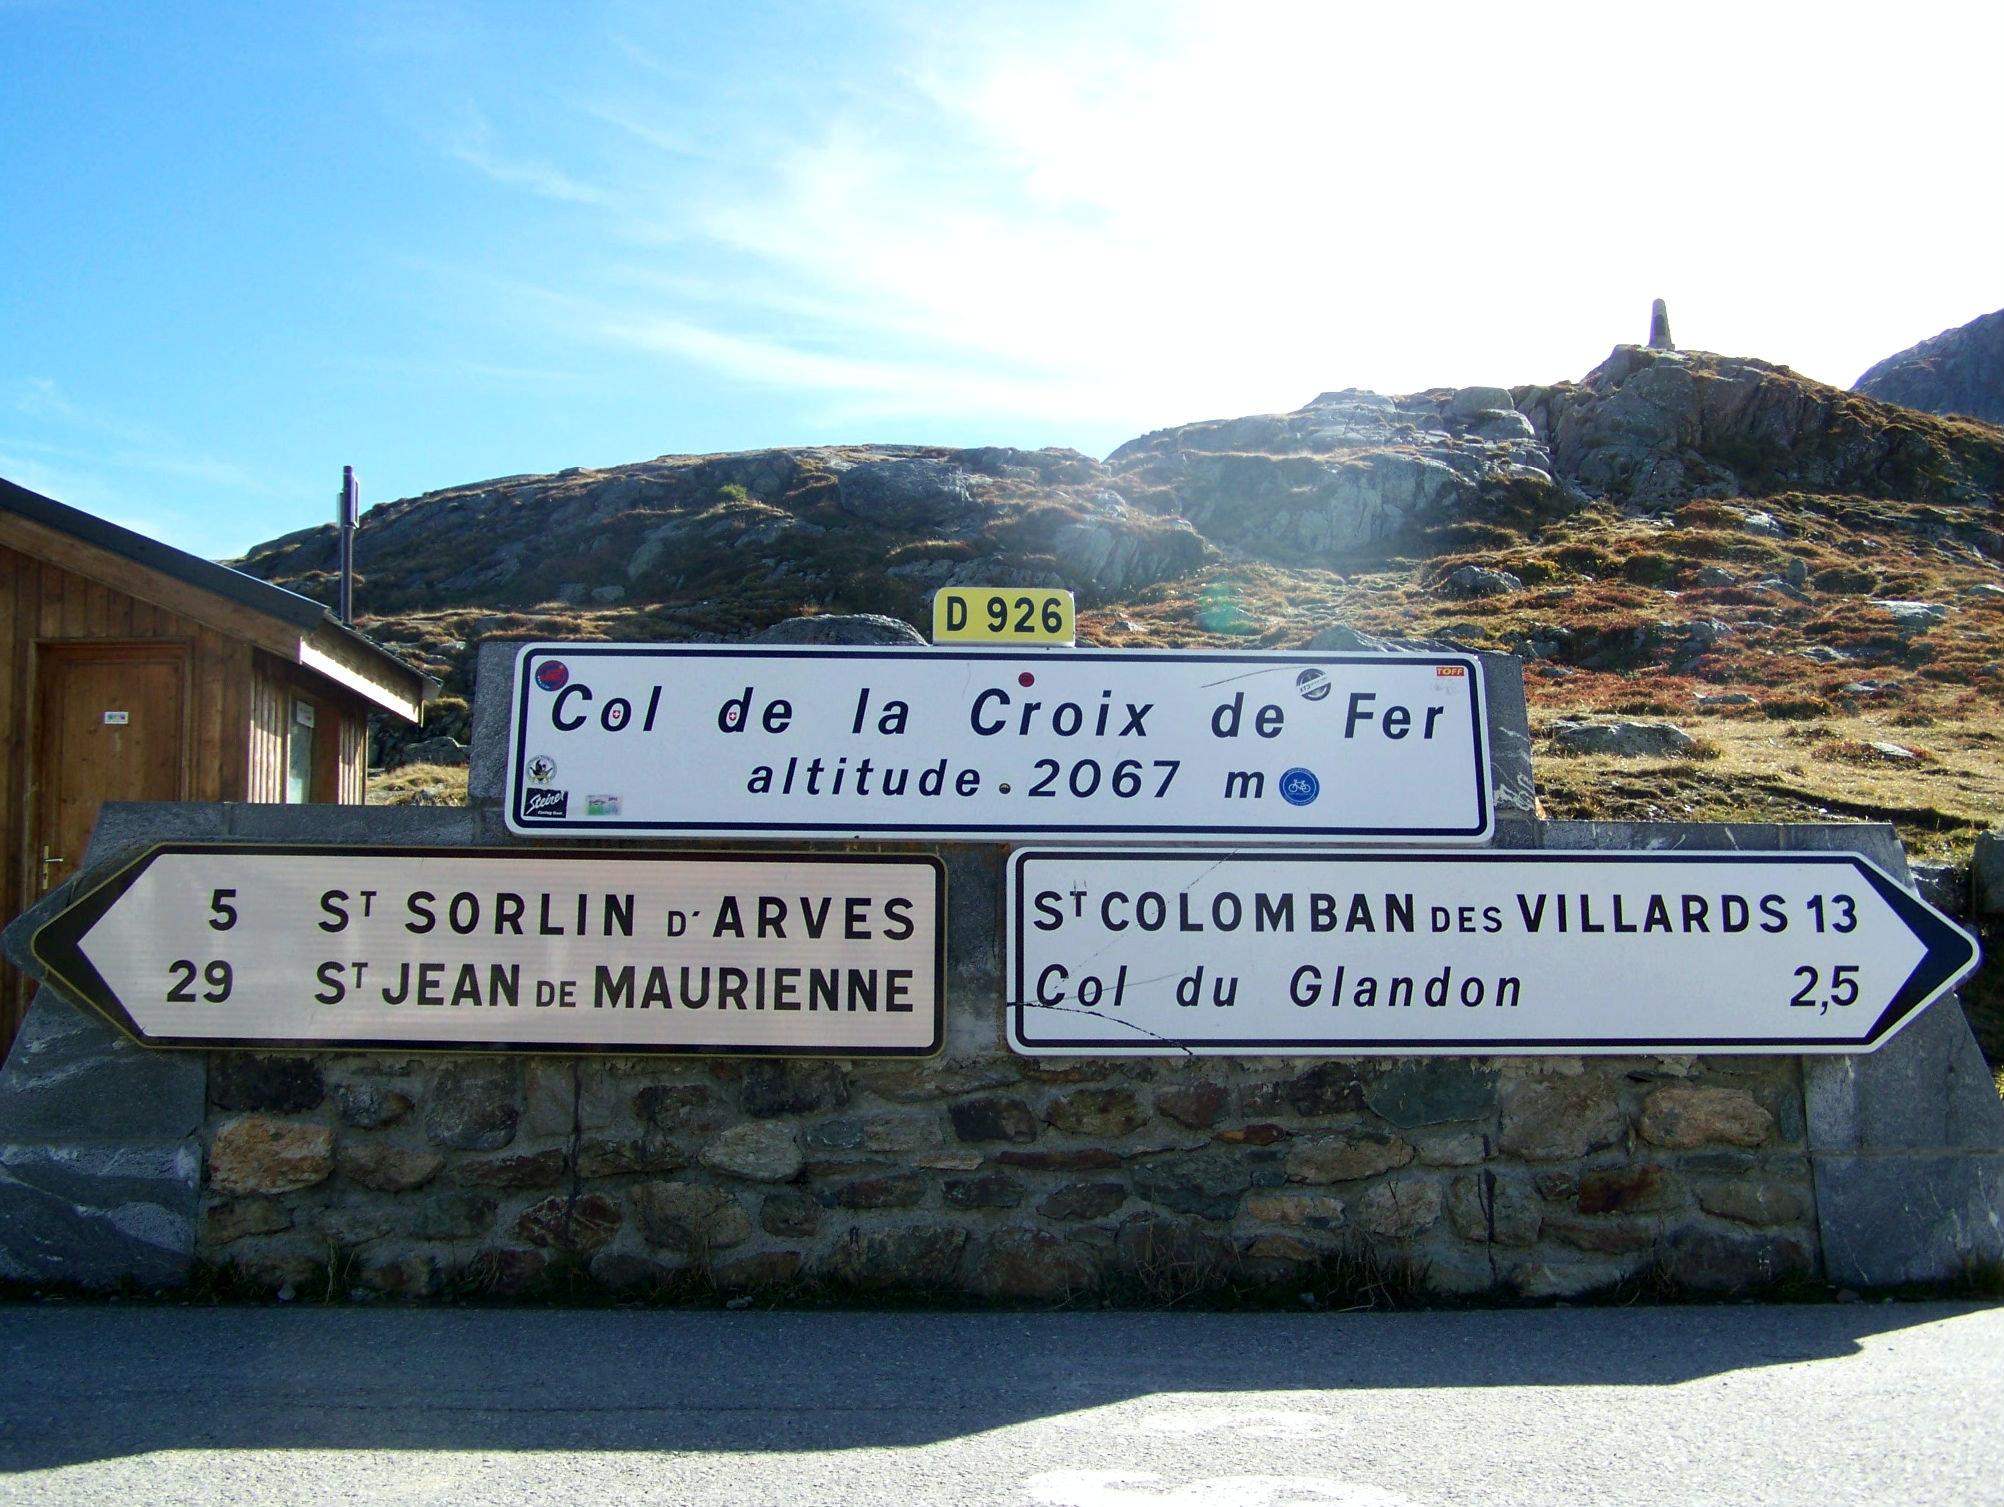 Col de la Croix de Fer, Etape du Tour 2015, mountain, summit, climb, Alps